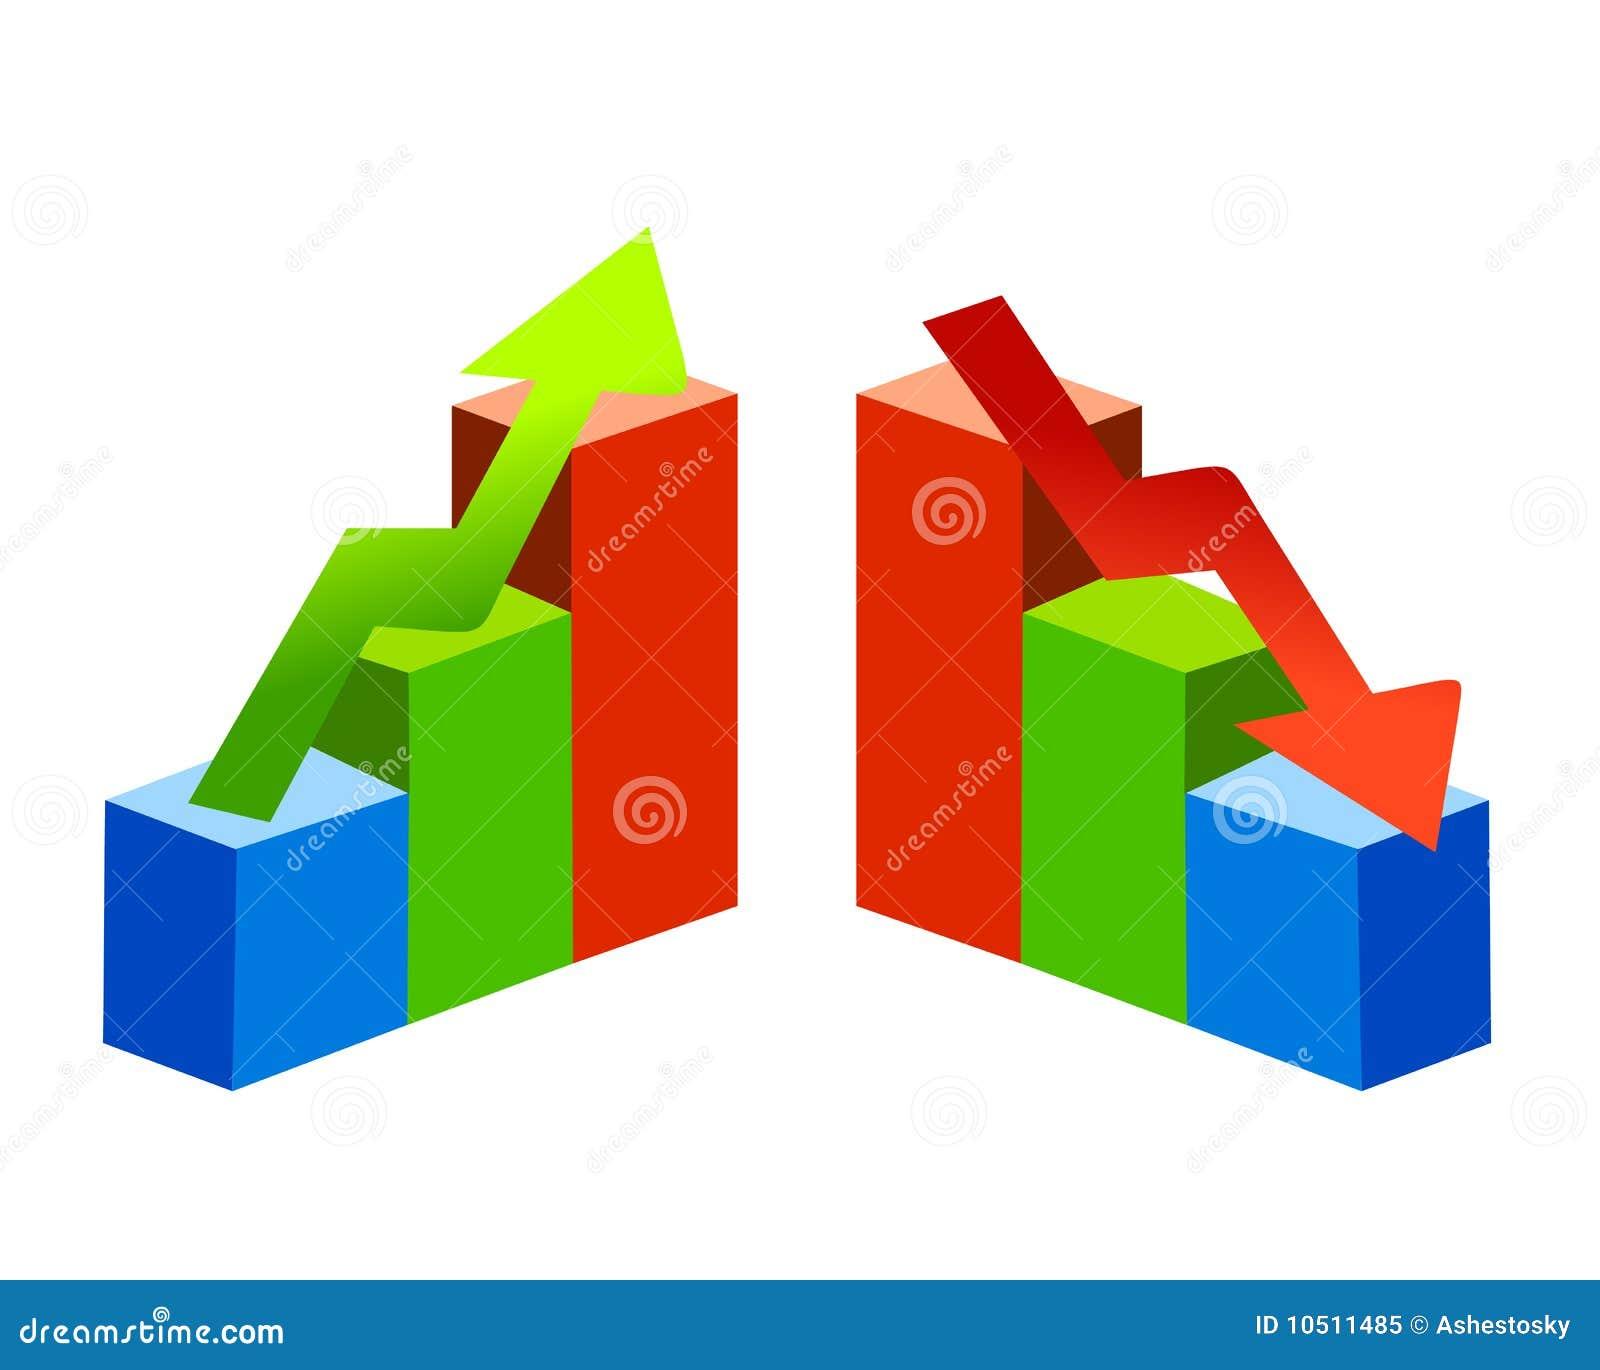 Tendencias arriba y abajo de diagramas